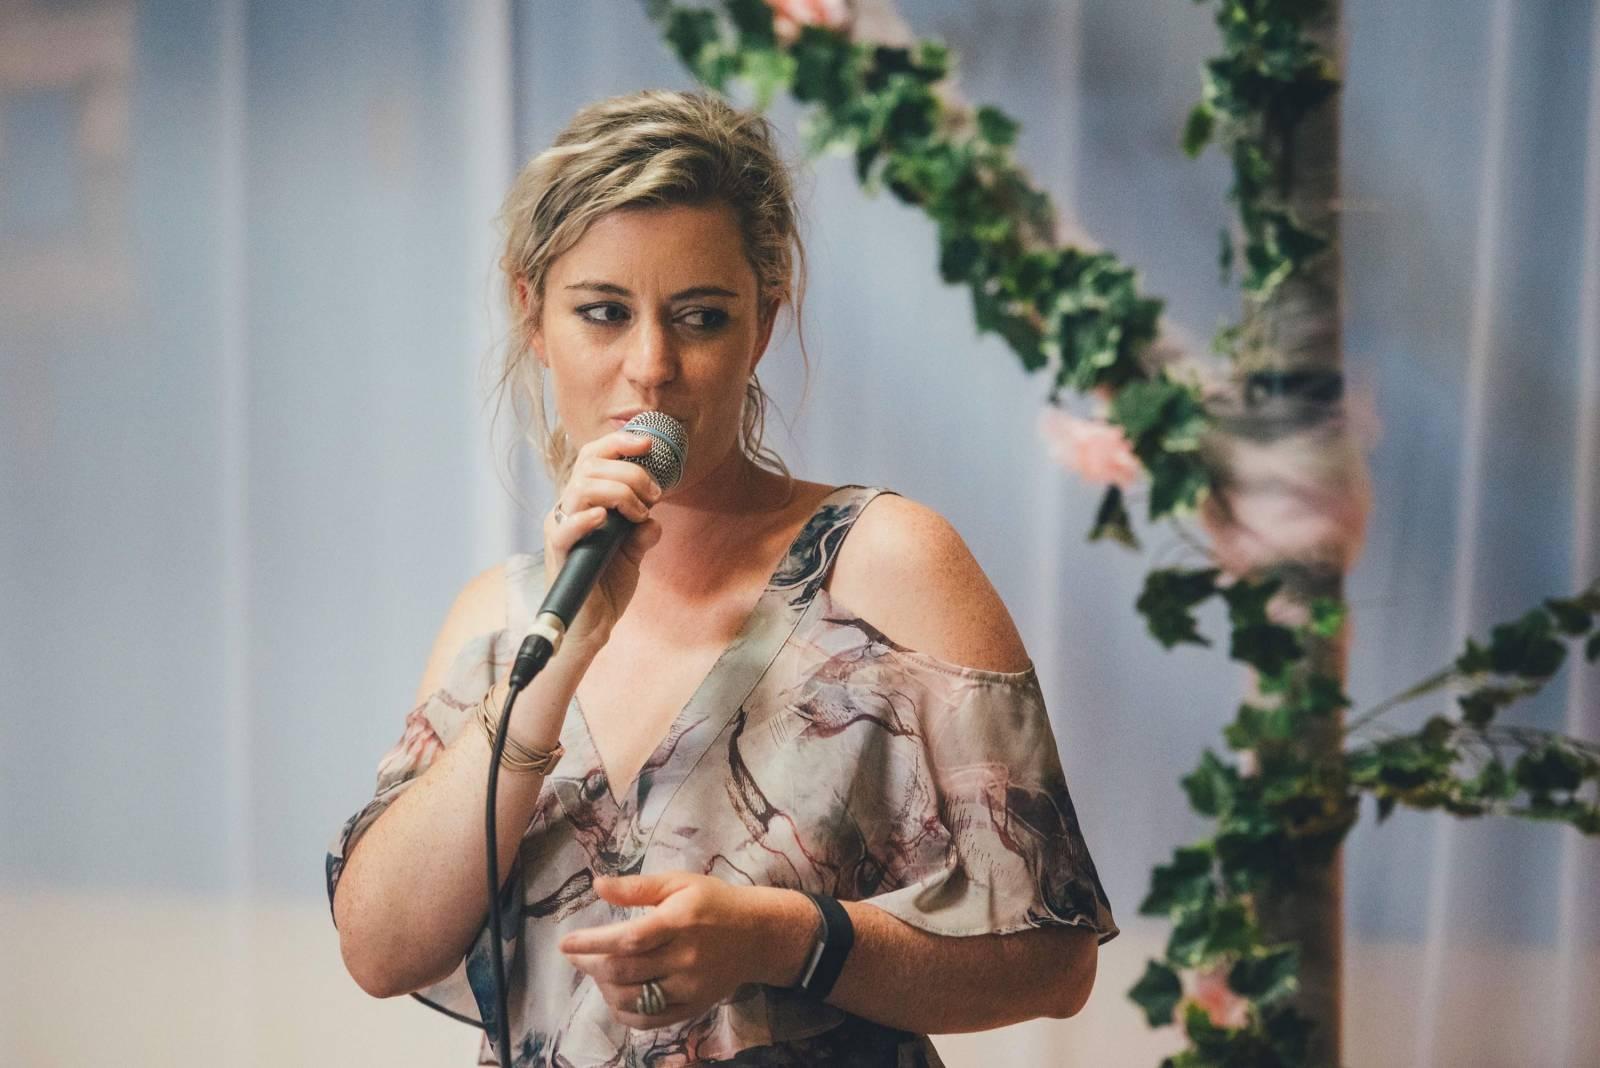 Zina - Ceremoniemuziek - Live muziek - Zangeres - Huwelijk - Trouw - Bruiloft - House of Weddings - 9